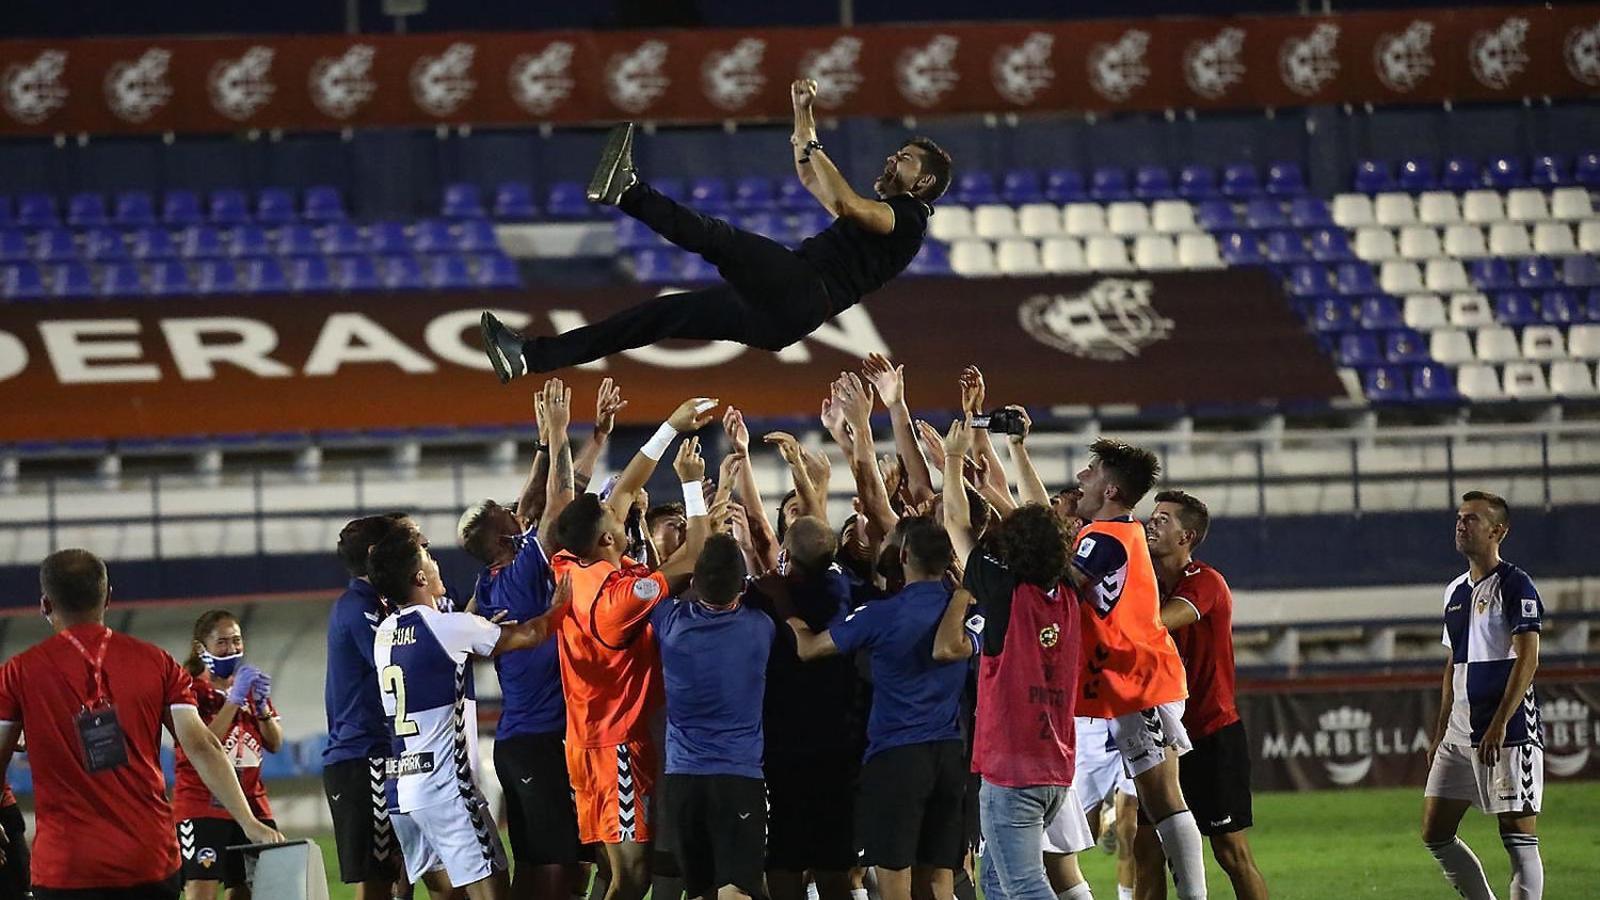 El Sabadell assaboreix la glòria i torna a Segona A